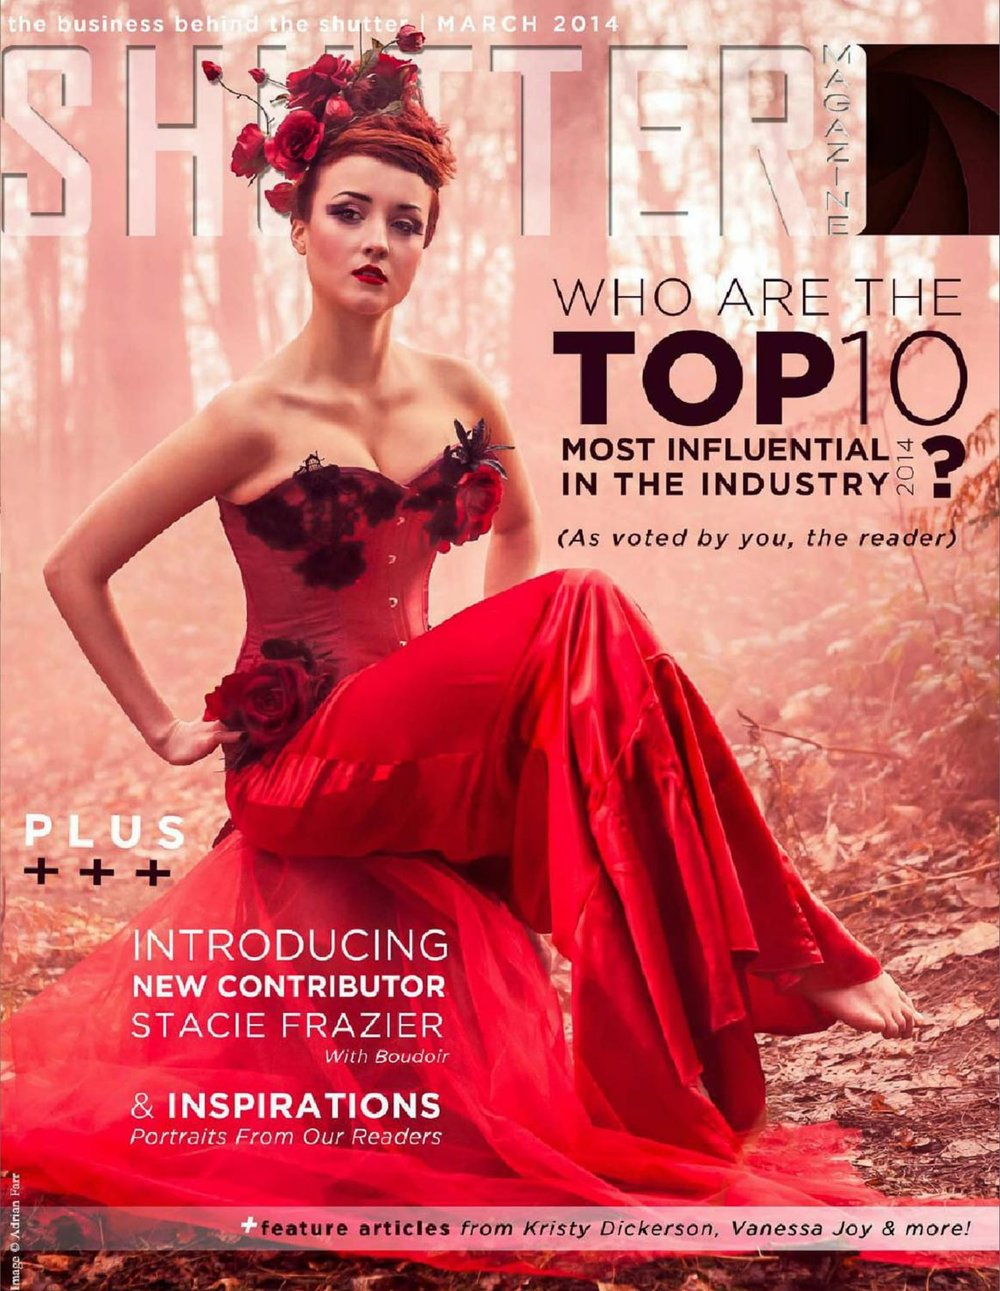 Shutter-Magazine-Mar-2014-Cover-Adrian-Farr-Fantasy-Art.jpg